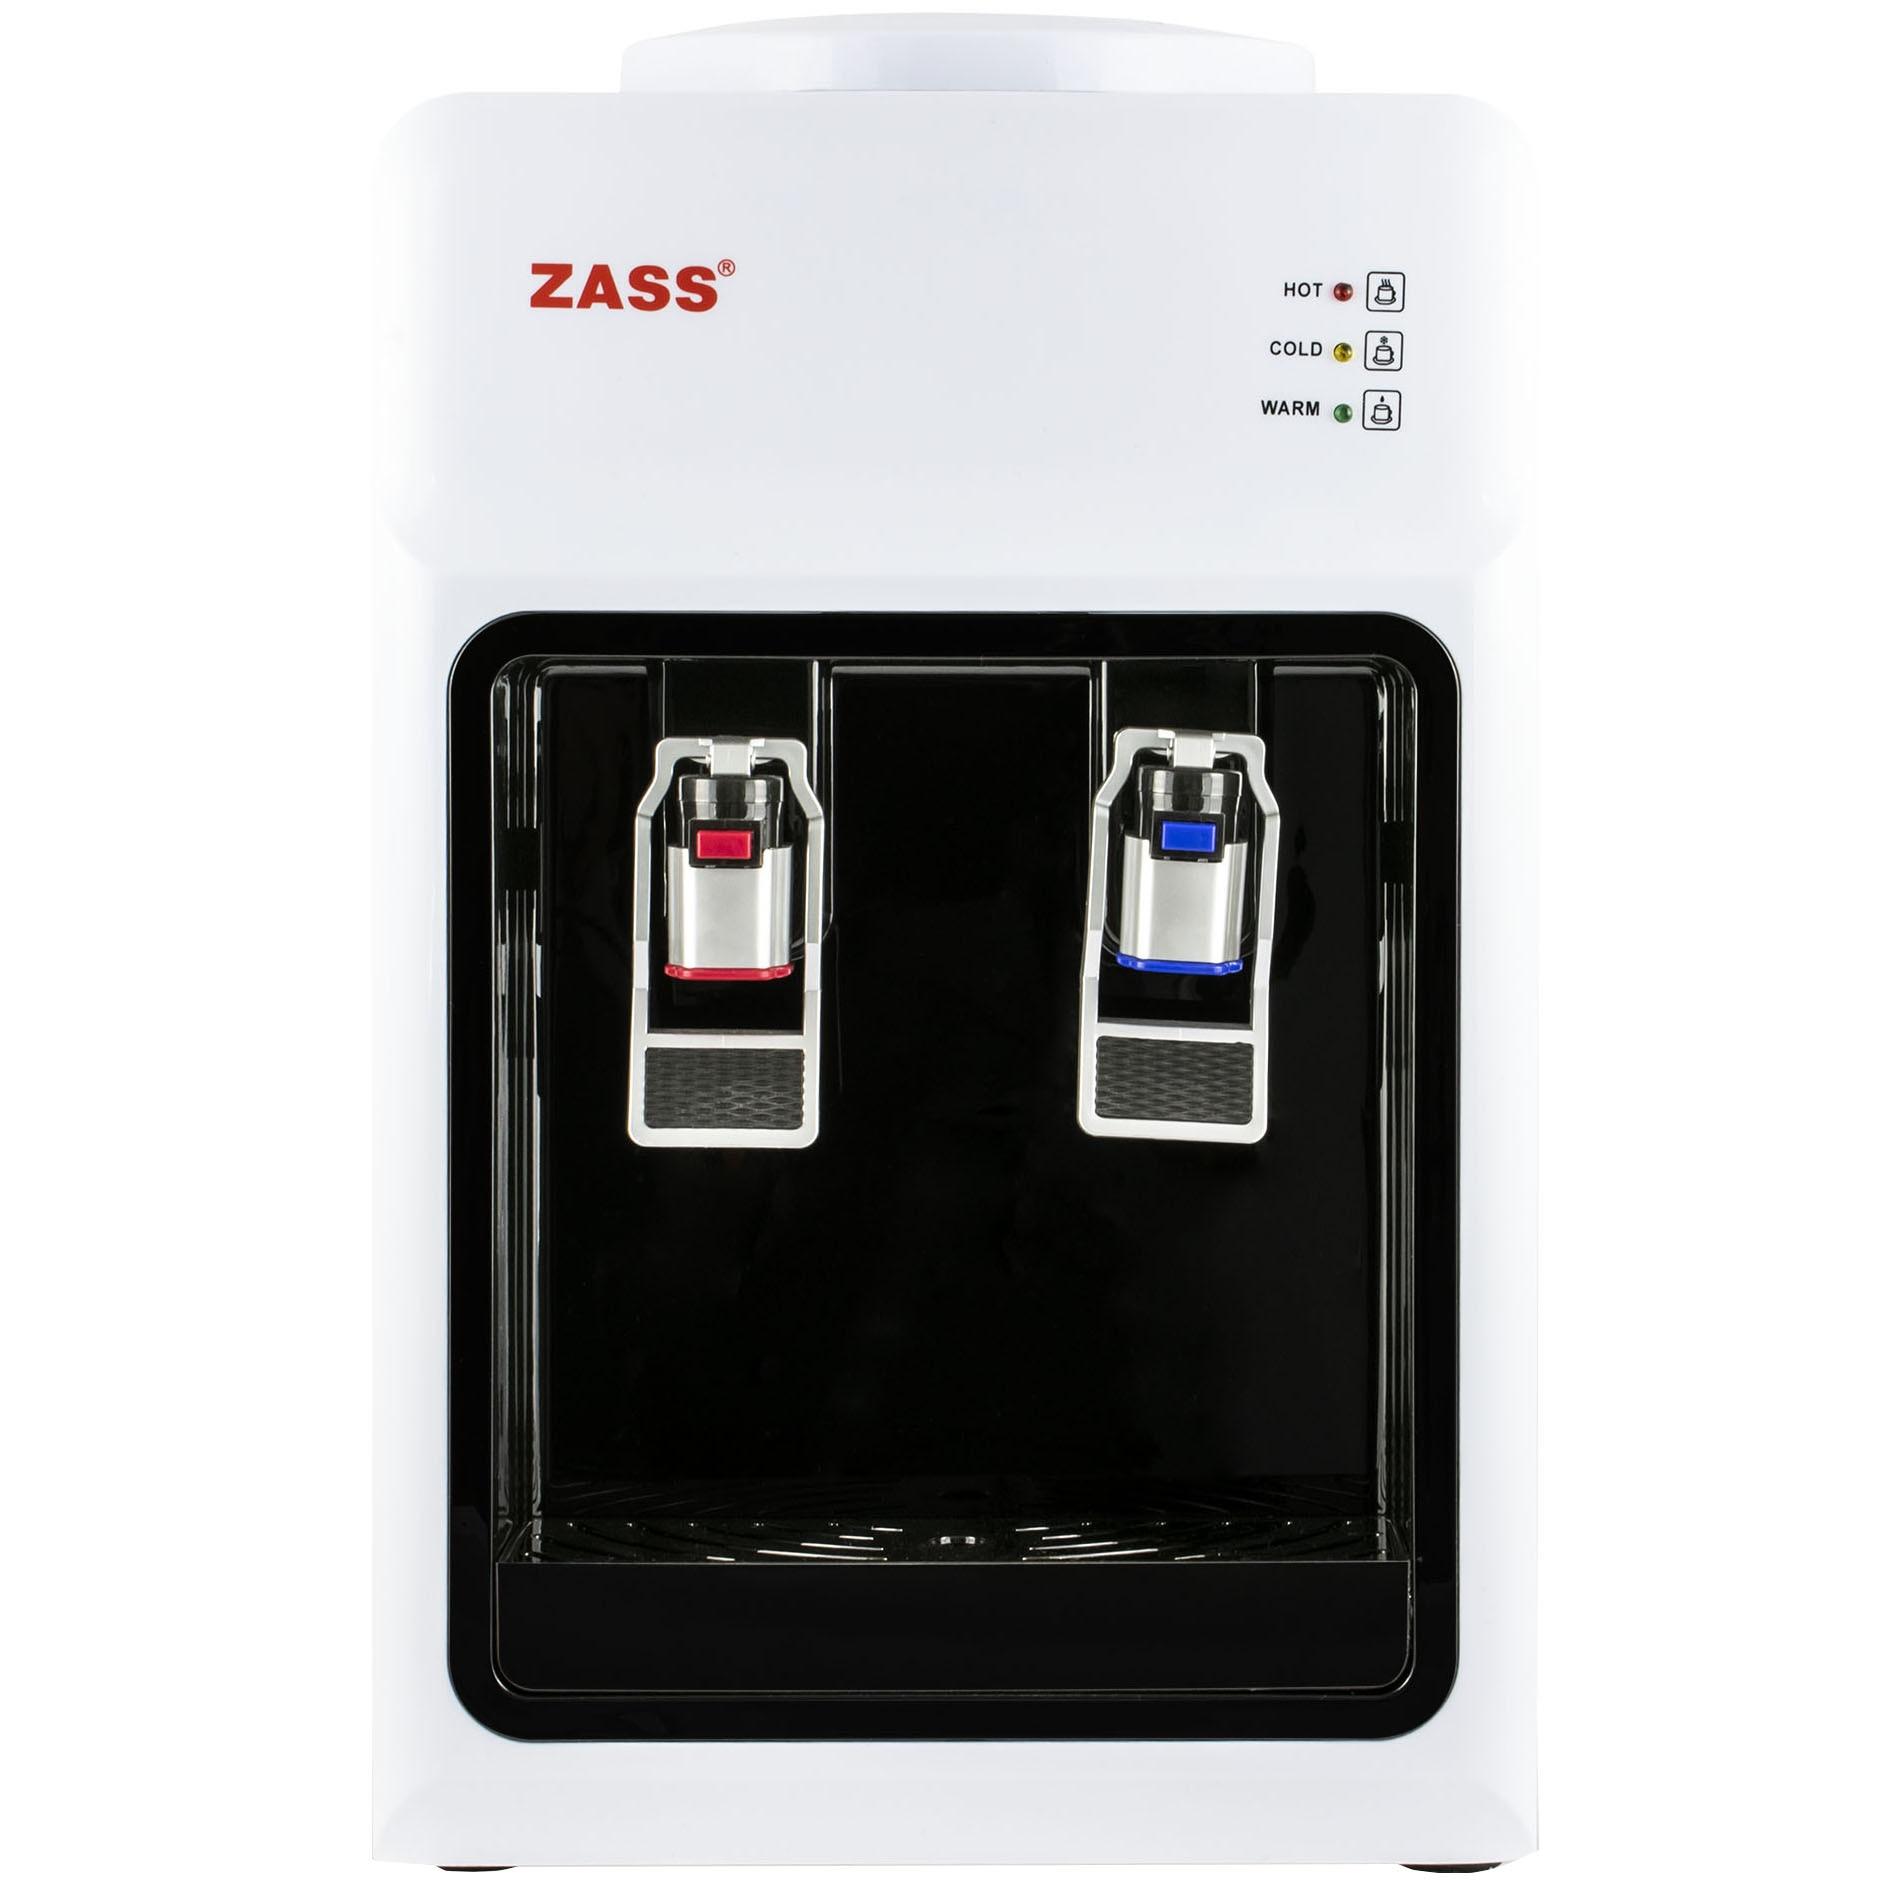 Fotografie Dozator apa de birou, Zass ZTWD 13C cu compresor, Putere incalzire 550W, putere racire 90W, Protectie copii la robinetul de apa fierbinte, functional cu bidoane de apa 11 l si 19 l, Alb